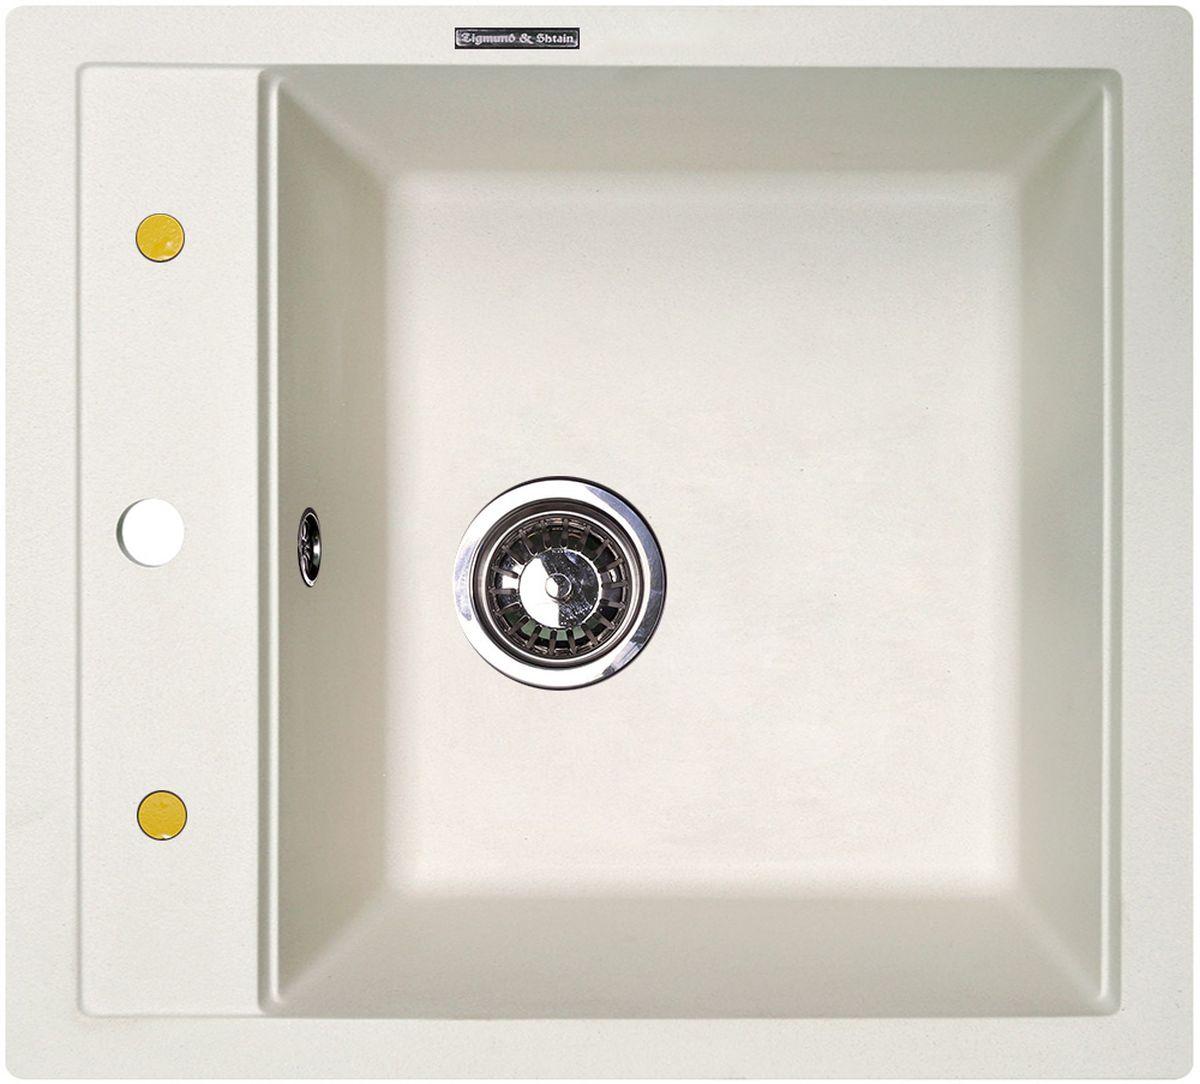 """Мойка для кухни Zigmund & Shtain """"Platz 465"""" с врезной установкой выполнена из искусственного гранита. Врезная мойка монтируется в уже подогнанную под нее столешницу или тумбу. Своей верхней цельнометаллической кромкой она плотно прижимается к поверхности тумбы, столешницы.  Мойка кухонная Zigmund & Shtain """"Platz 465"""" геометрически гармонично впишется в любую столешницу и прекрасно дополнит её. Гранит, из которого выполнена мойка, обладает поистине безграничными возможностями при эксплуатации."""